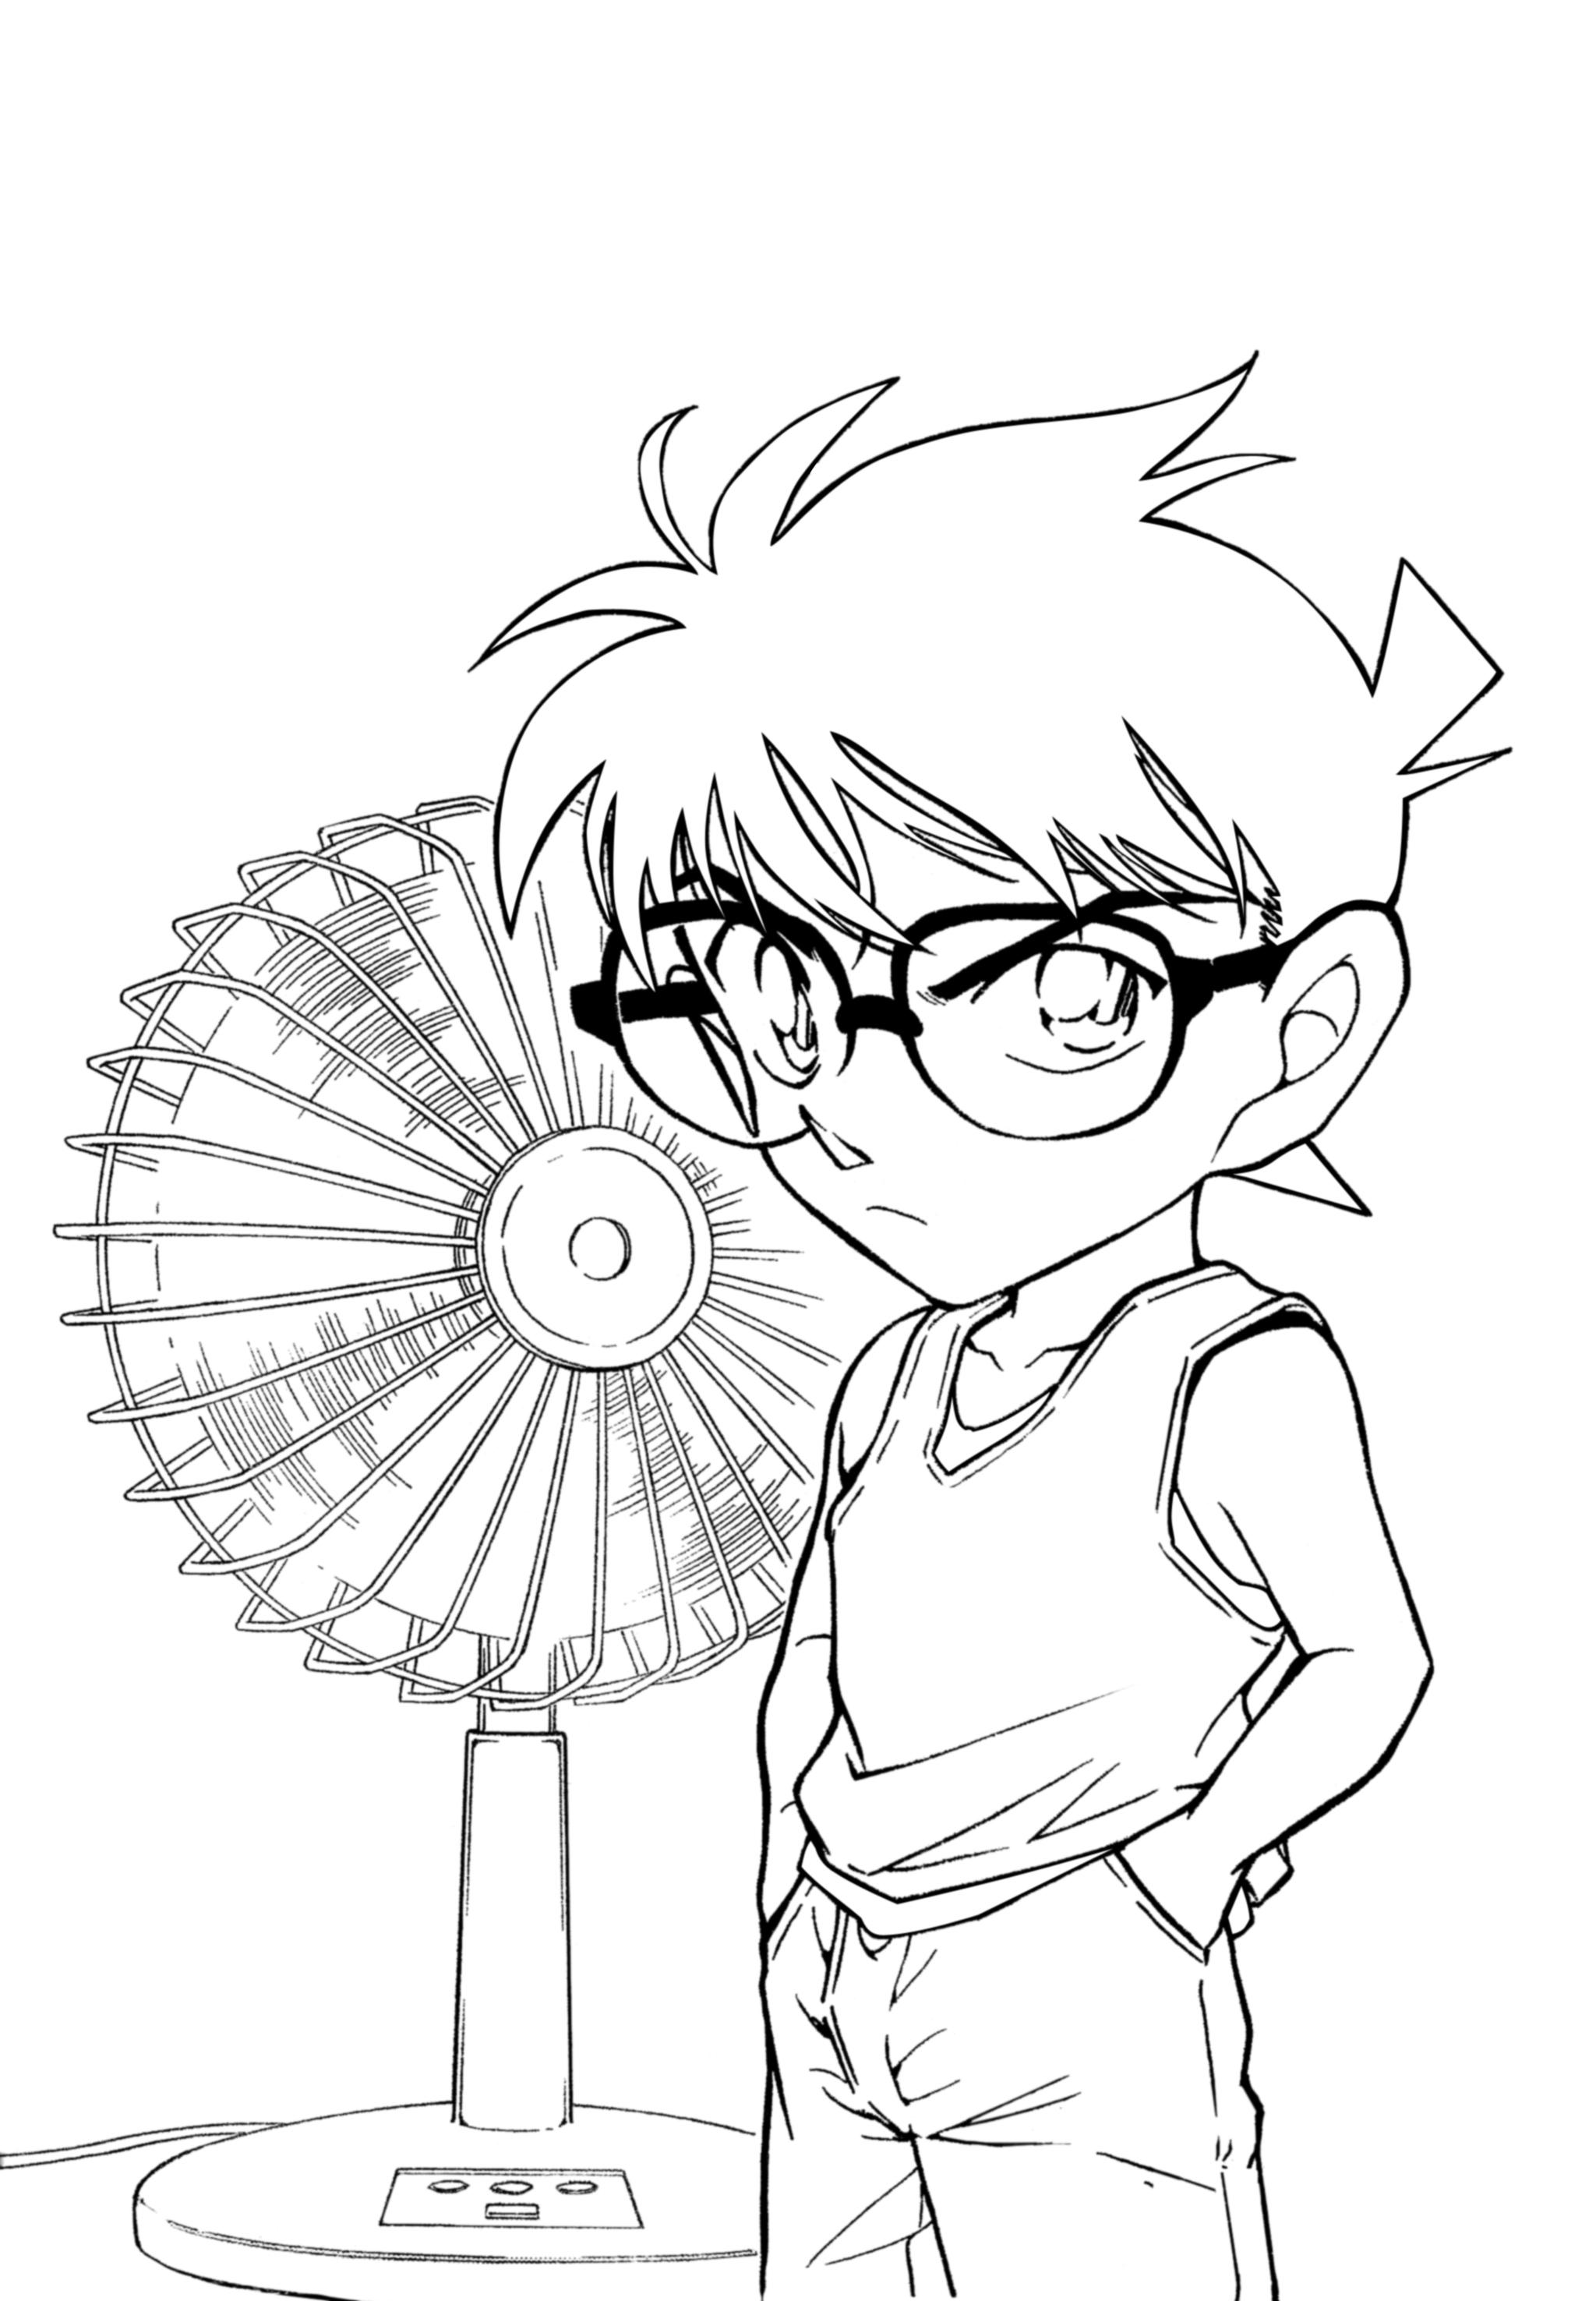 プリント 塗り絵無料プリント : Detective Conan Coloring Pages